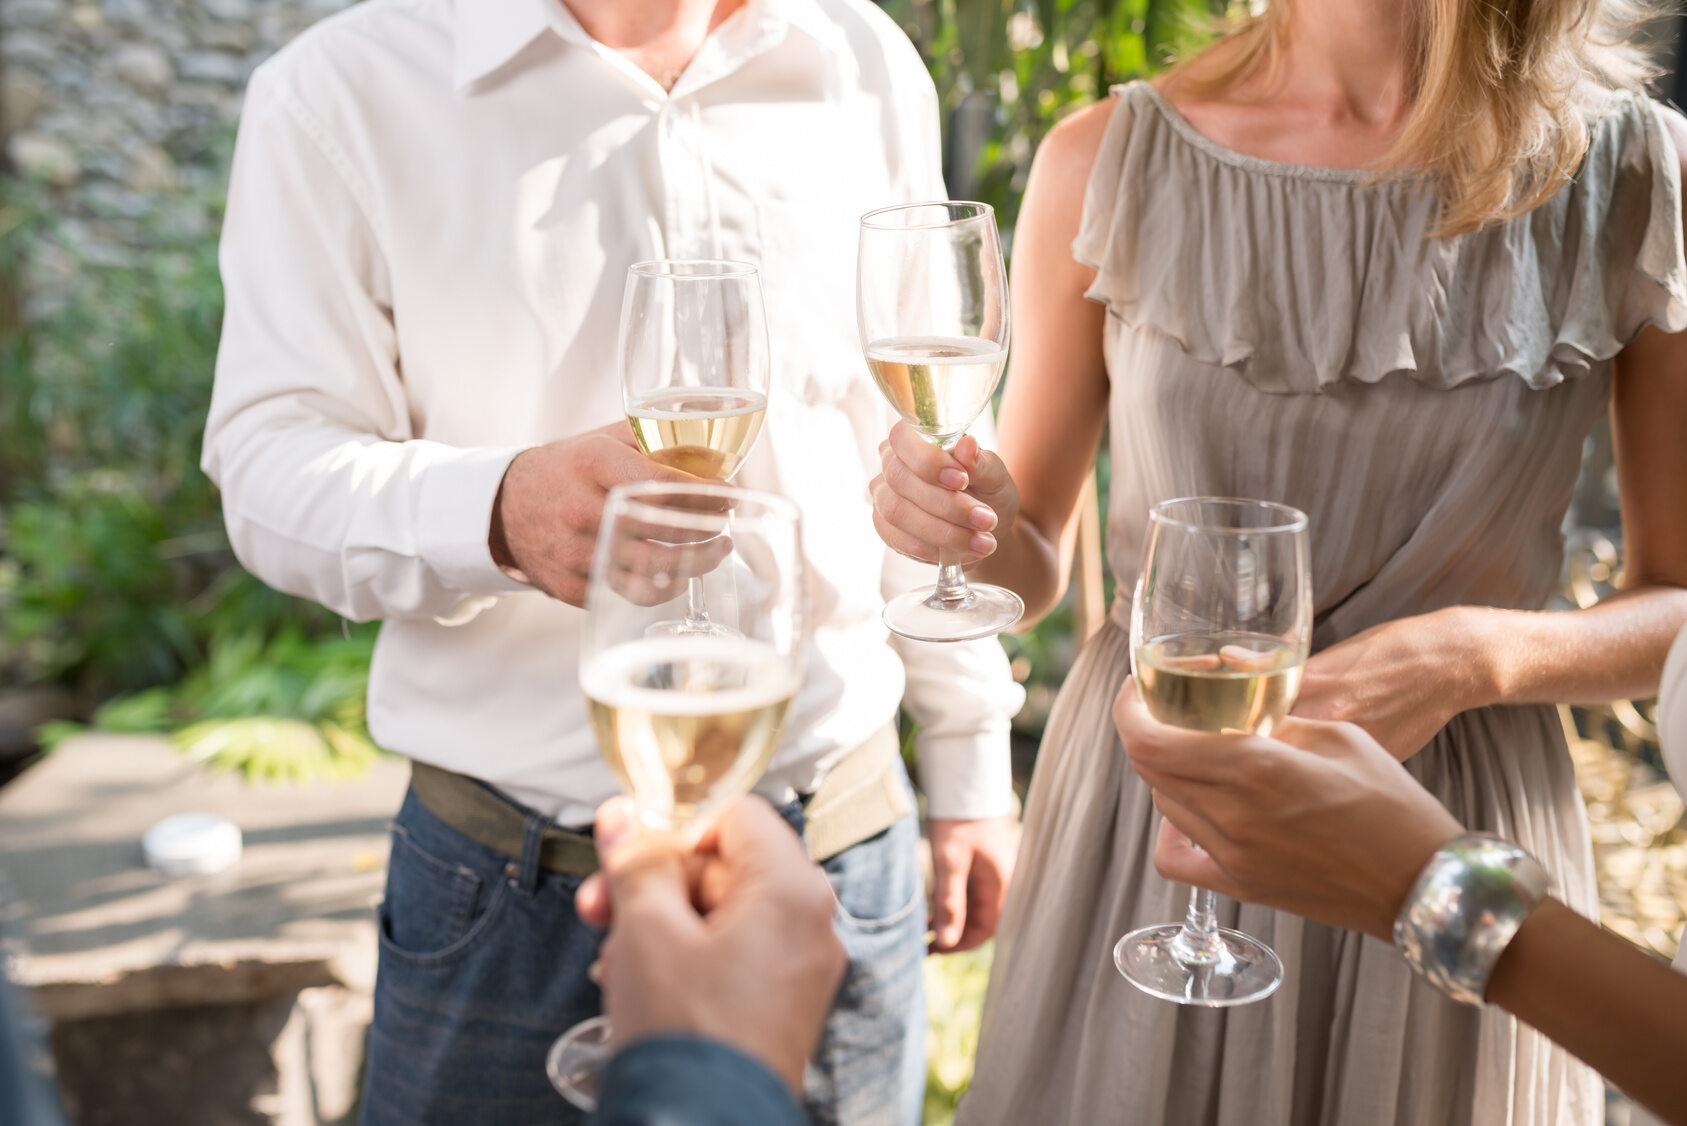 Impreza, zdjęcie ilustracyjne